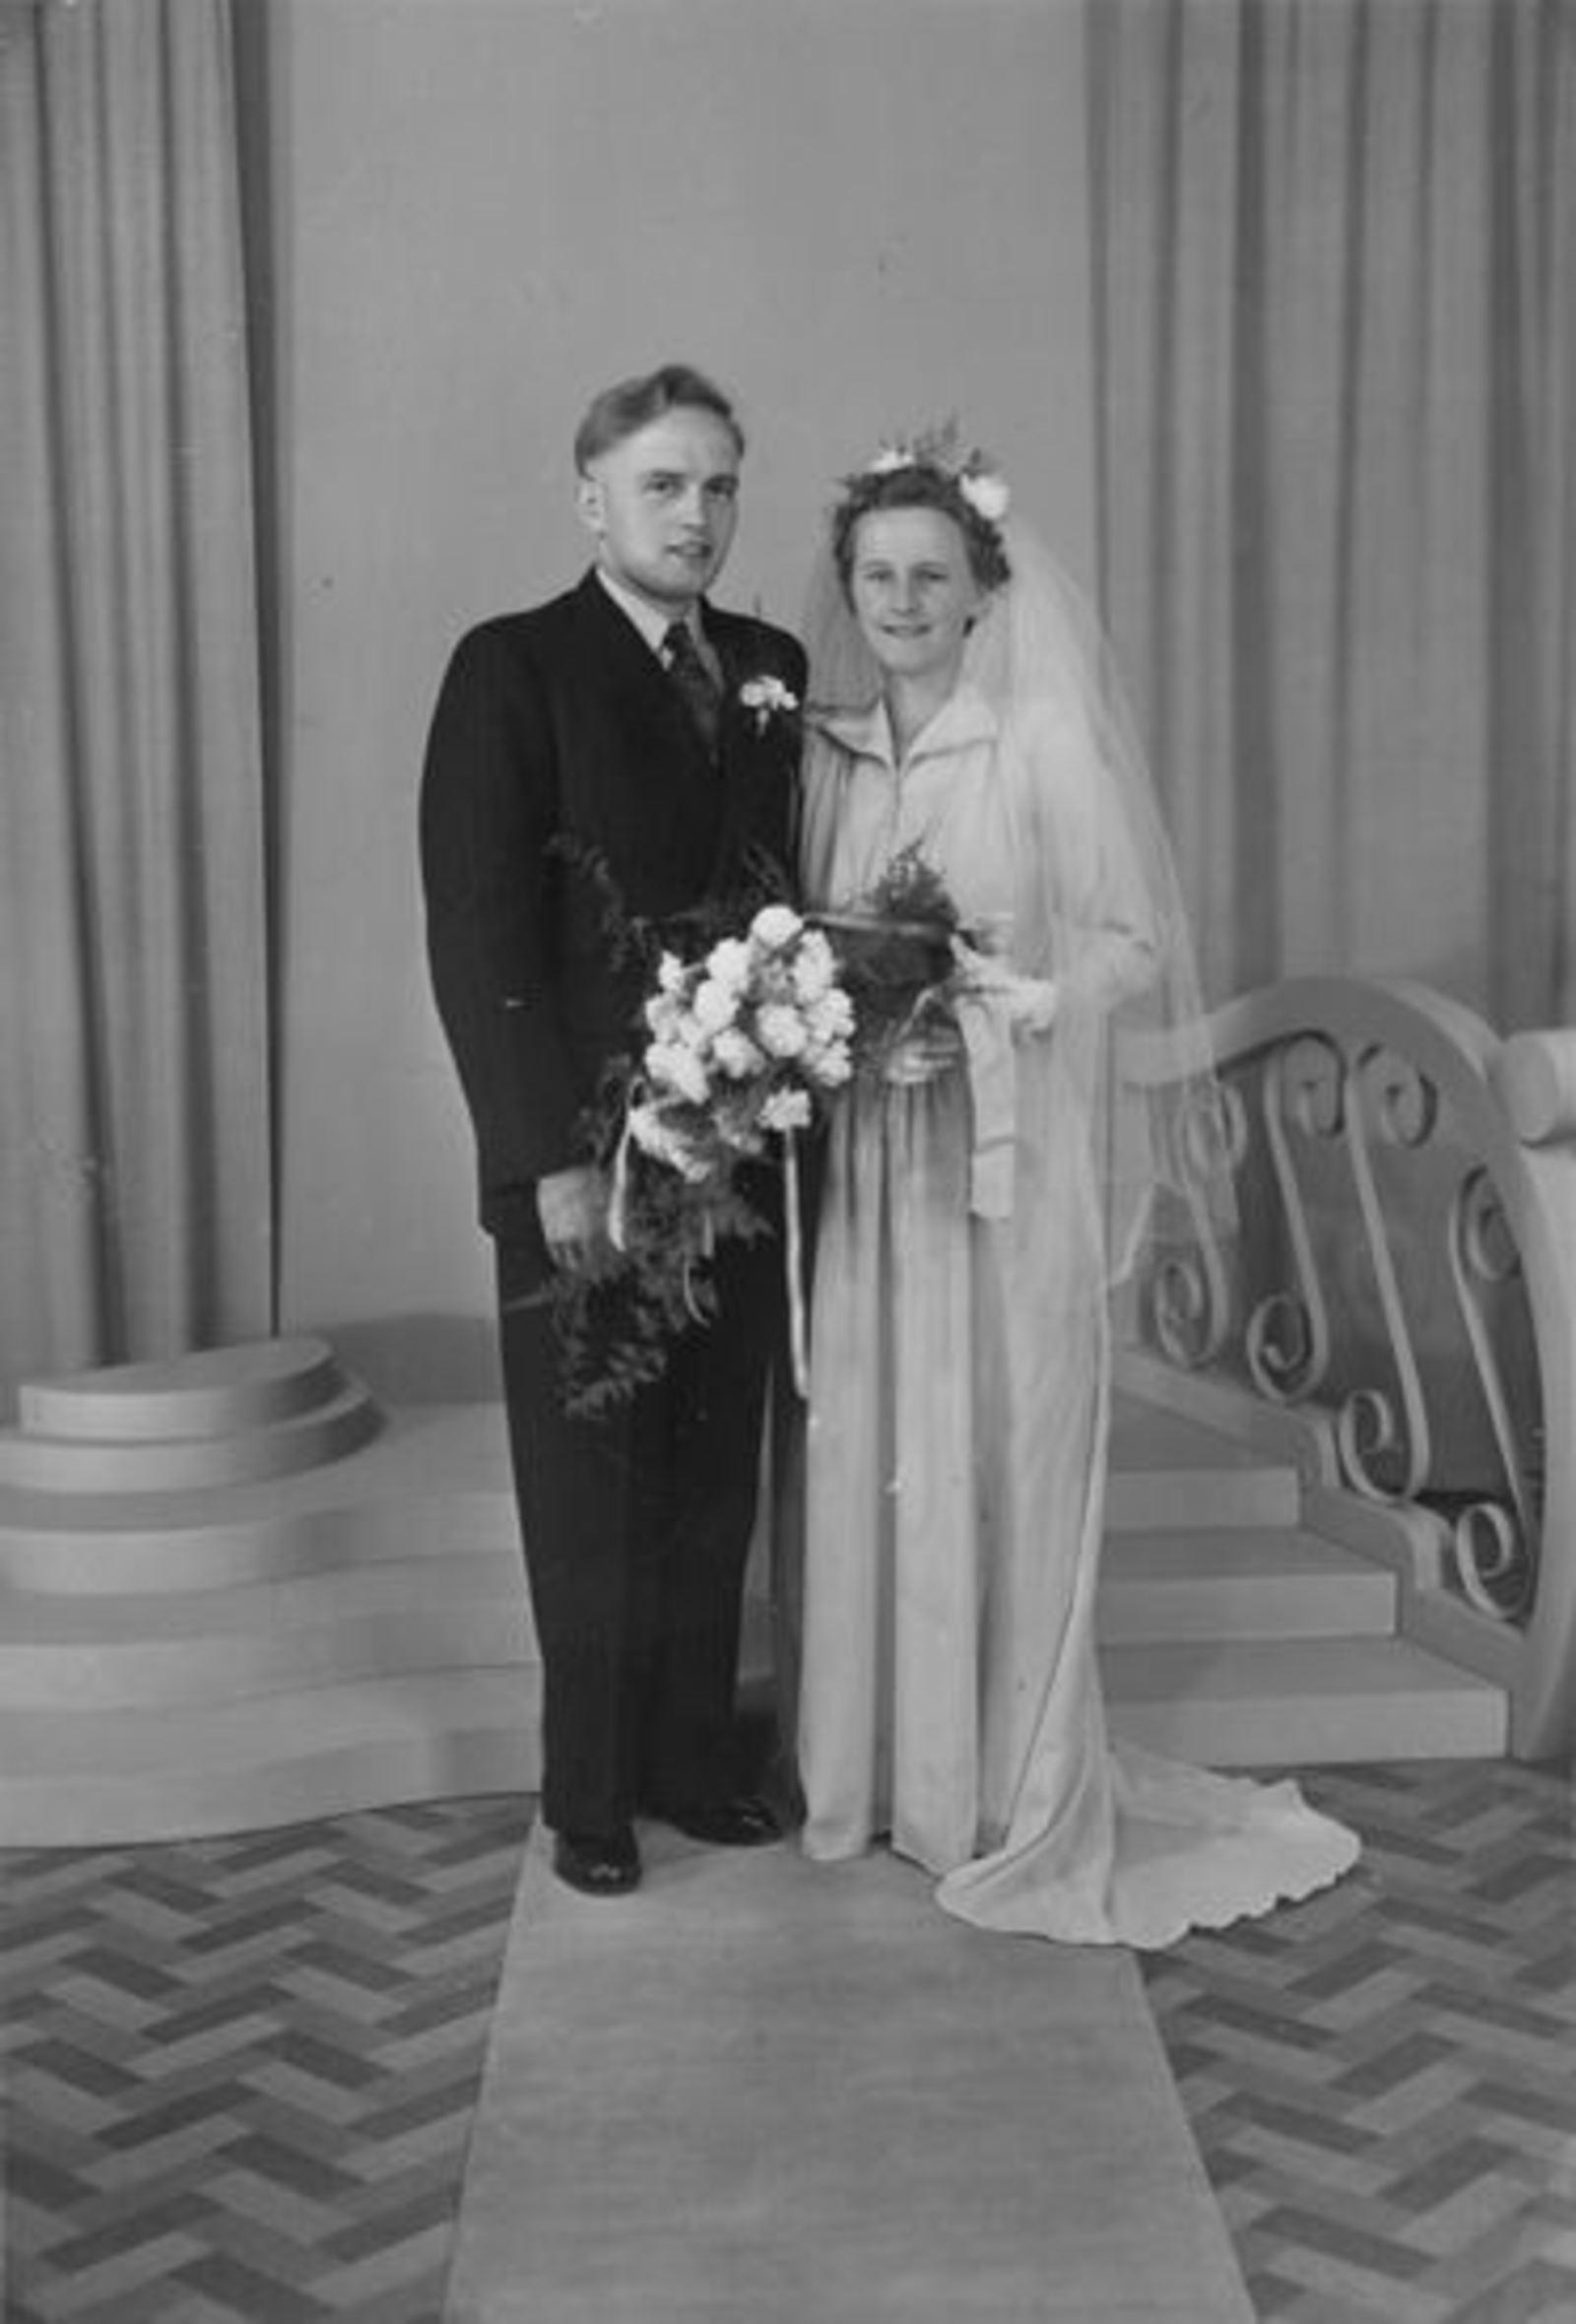 Broere Stijn 1930 19__ trouwt met Piet Eikelenboom 01